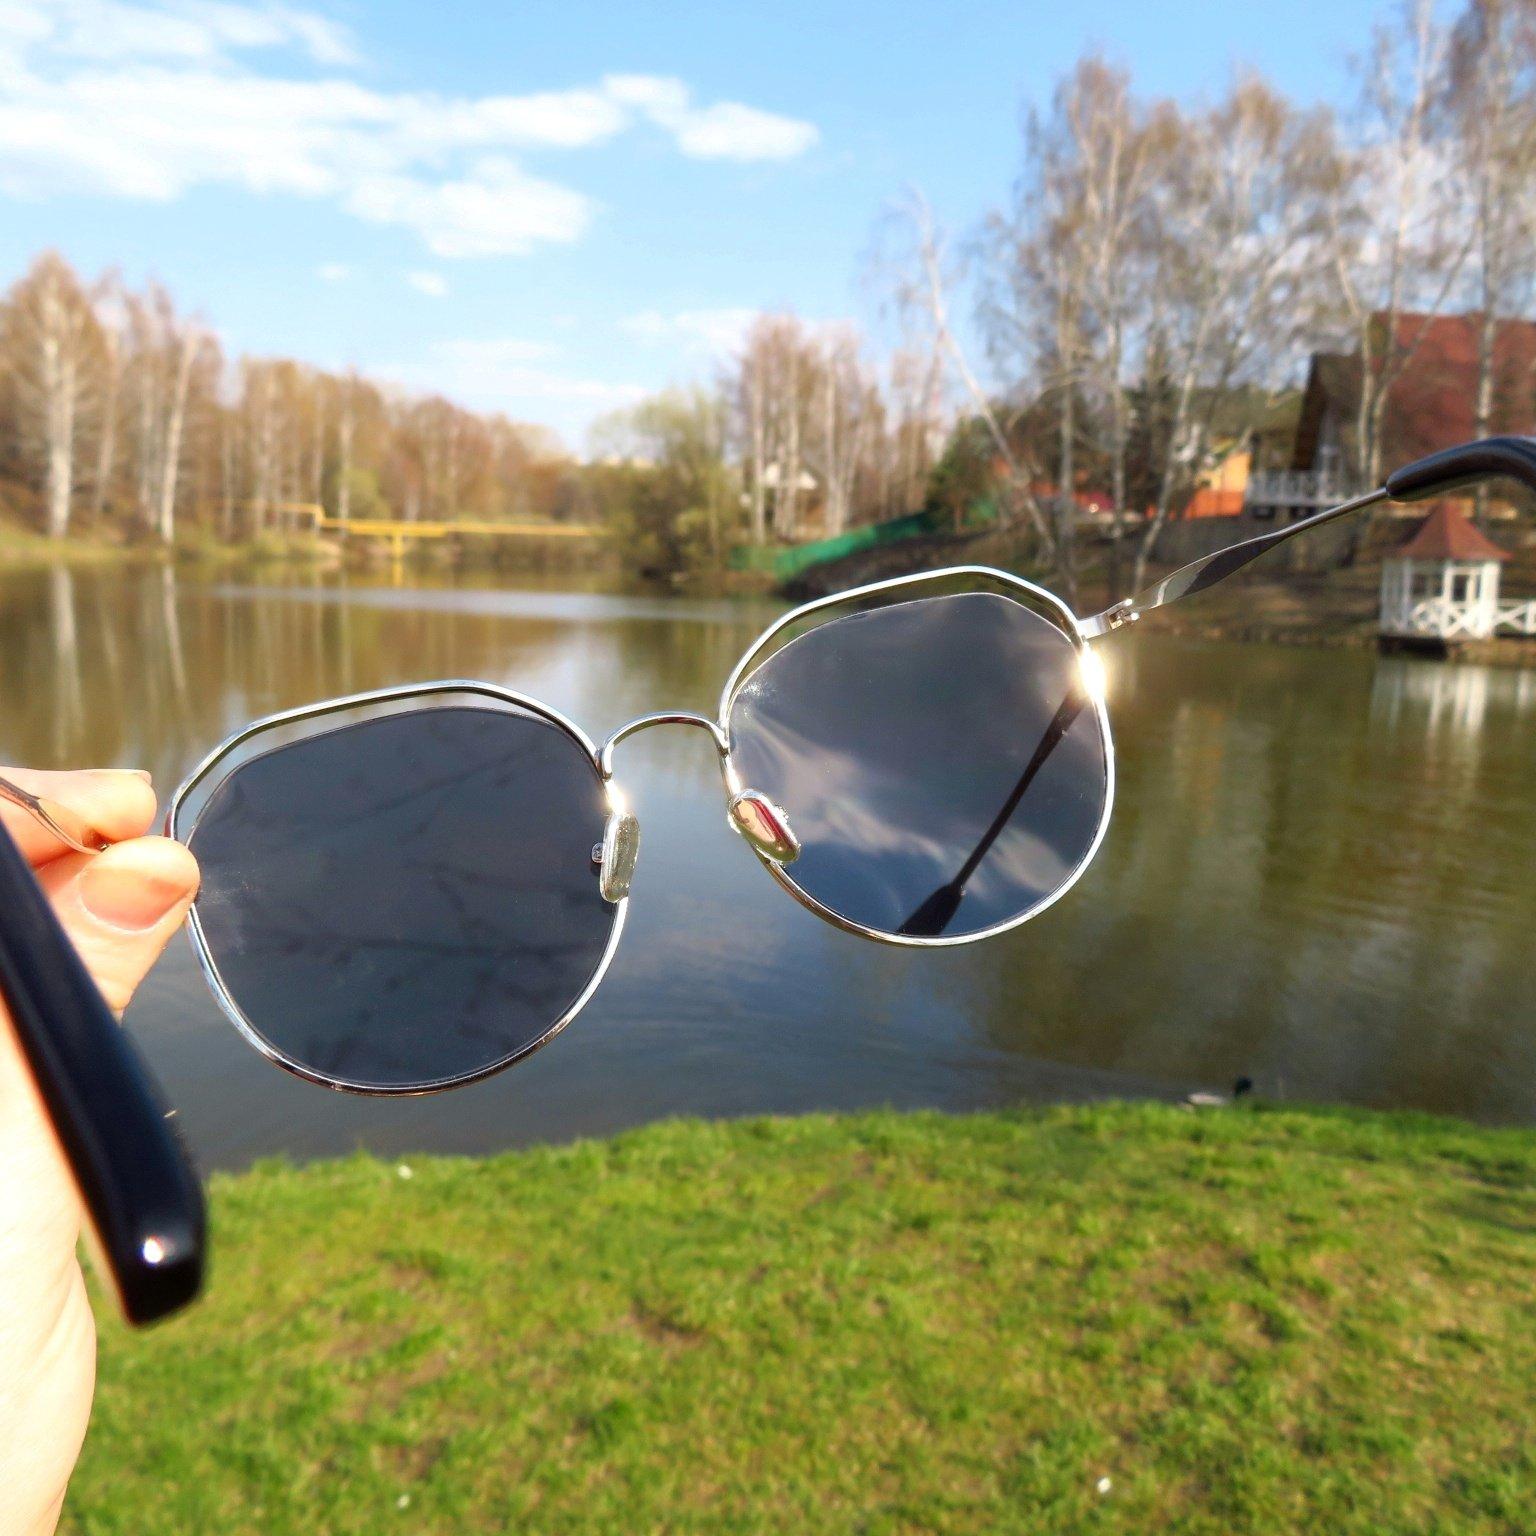 Классные солнцезащитные очки с защитой UV400 - характеристики